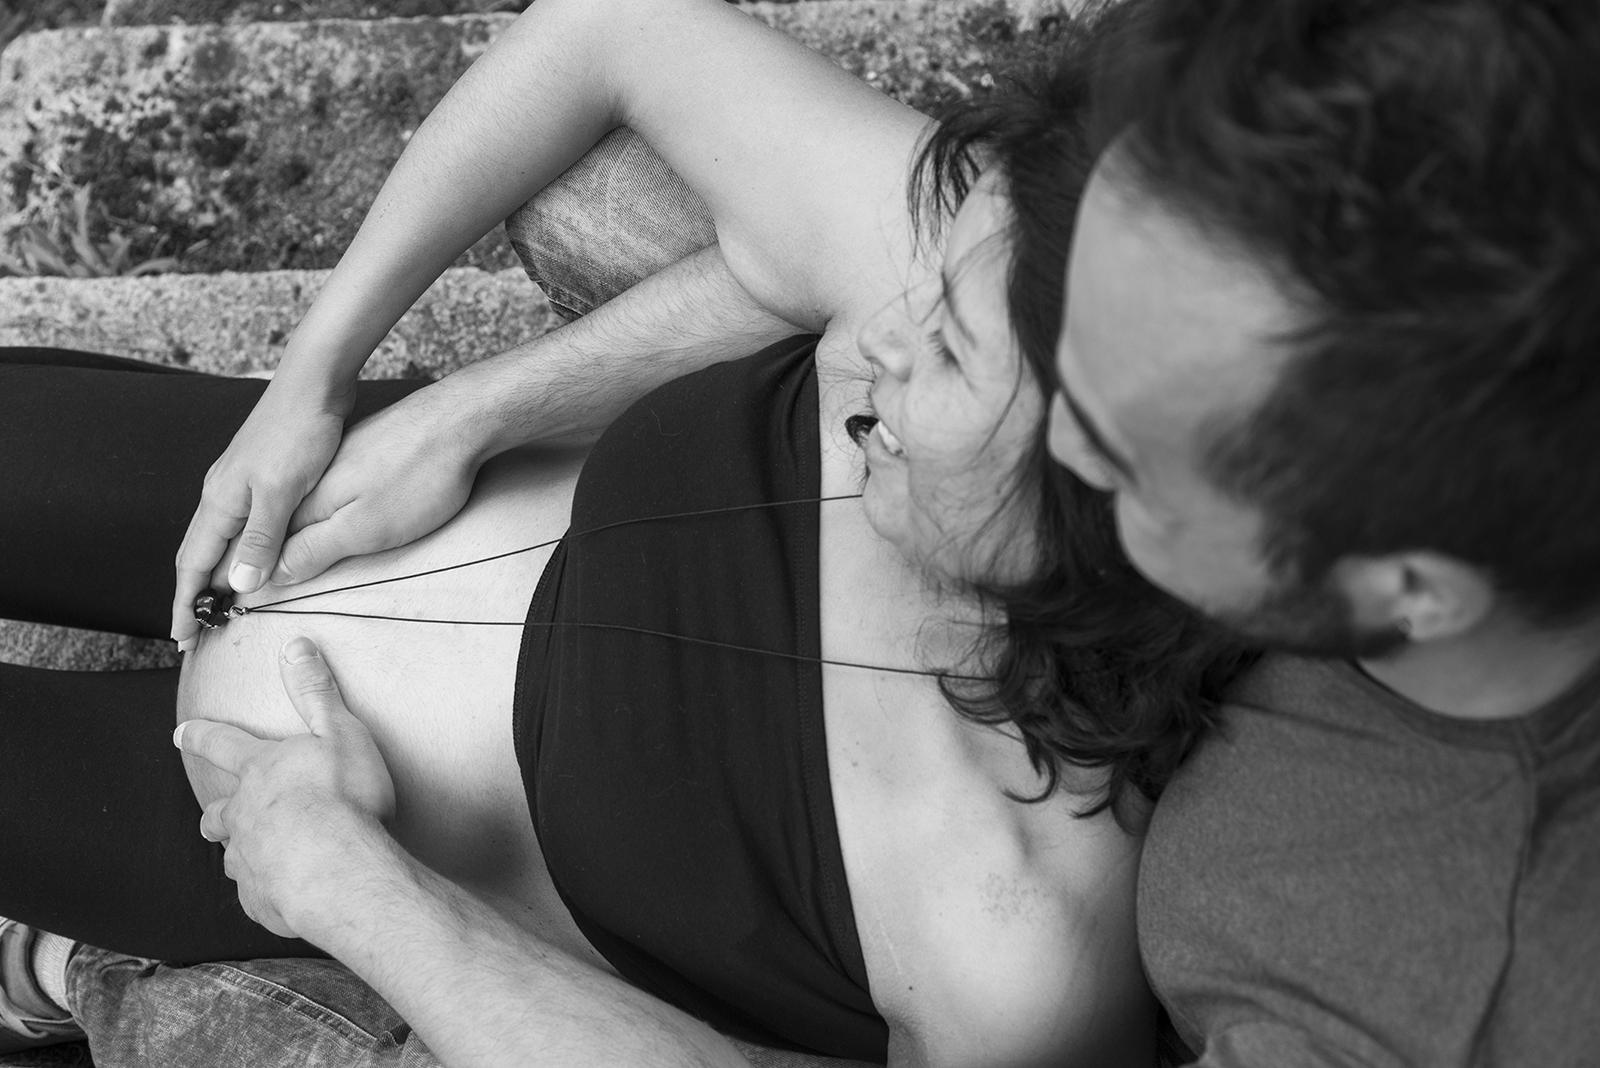 femme enceinte noir et blanc ventre vu d'en haut